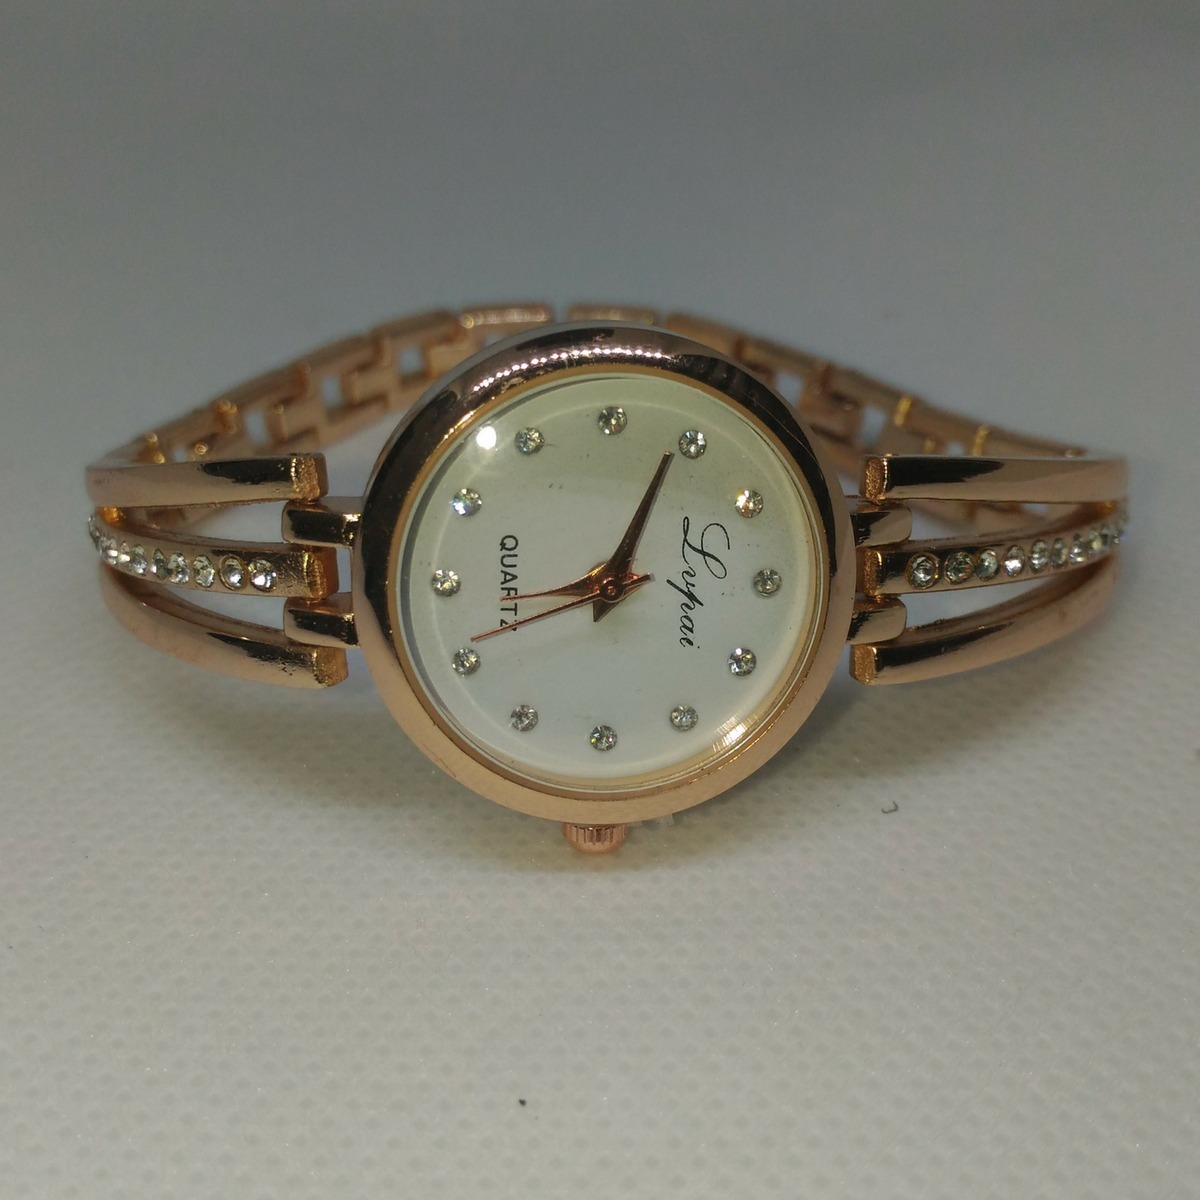 00fcdd82695 relogio feminino de pulso pequeno barato dourado luxo. Carregando zoom.